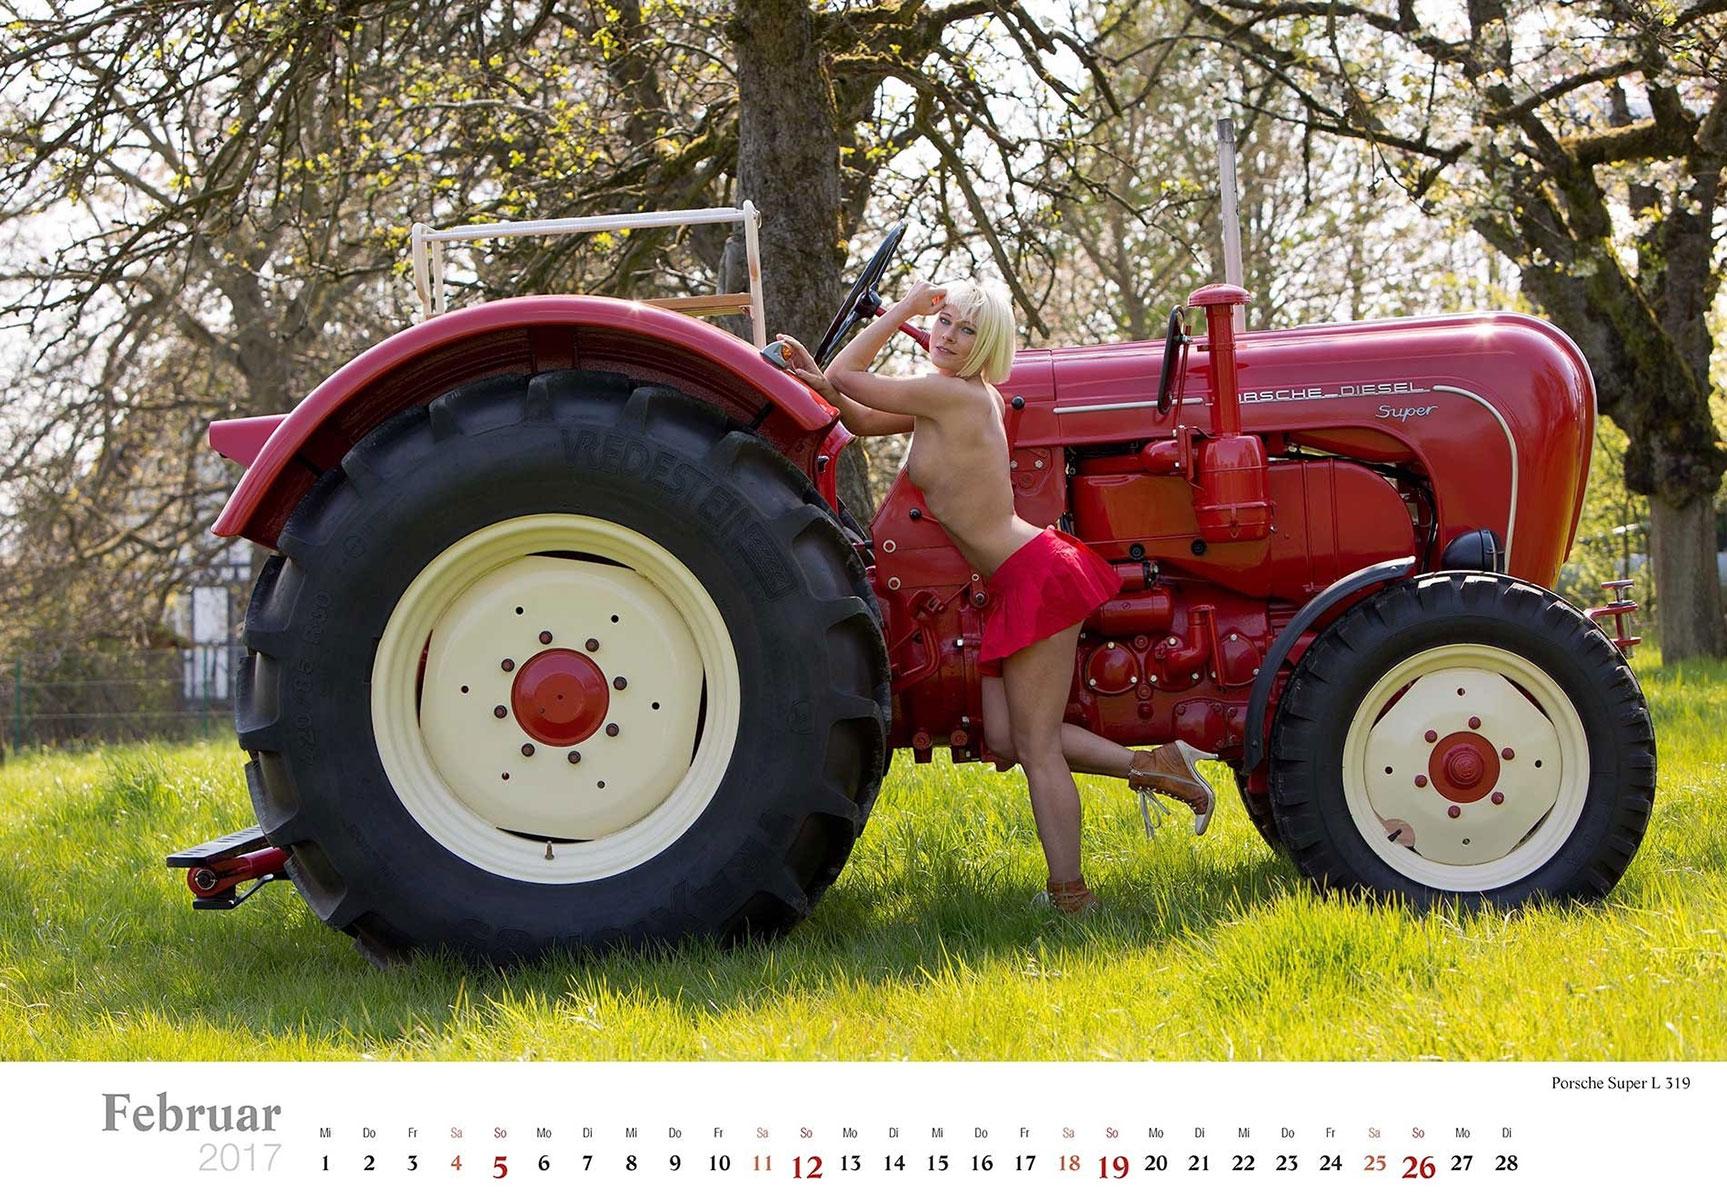 Девушки и трактора в эротическом календаре 2017 / Porsche Super L 319 - Jungbauerntraume calendar 2017